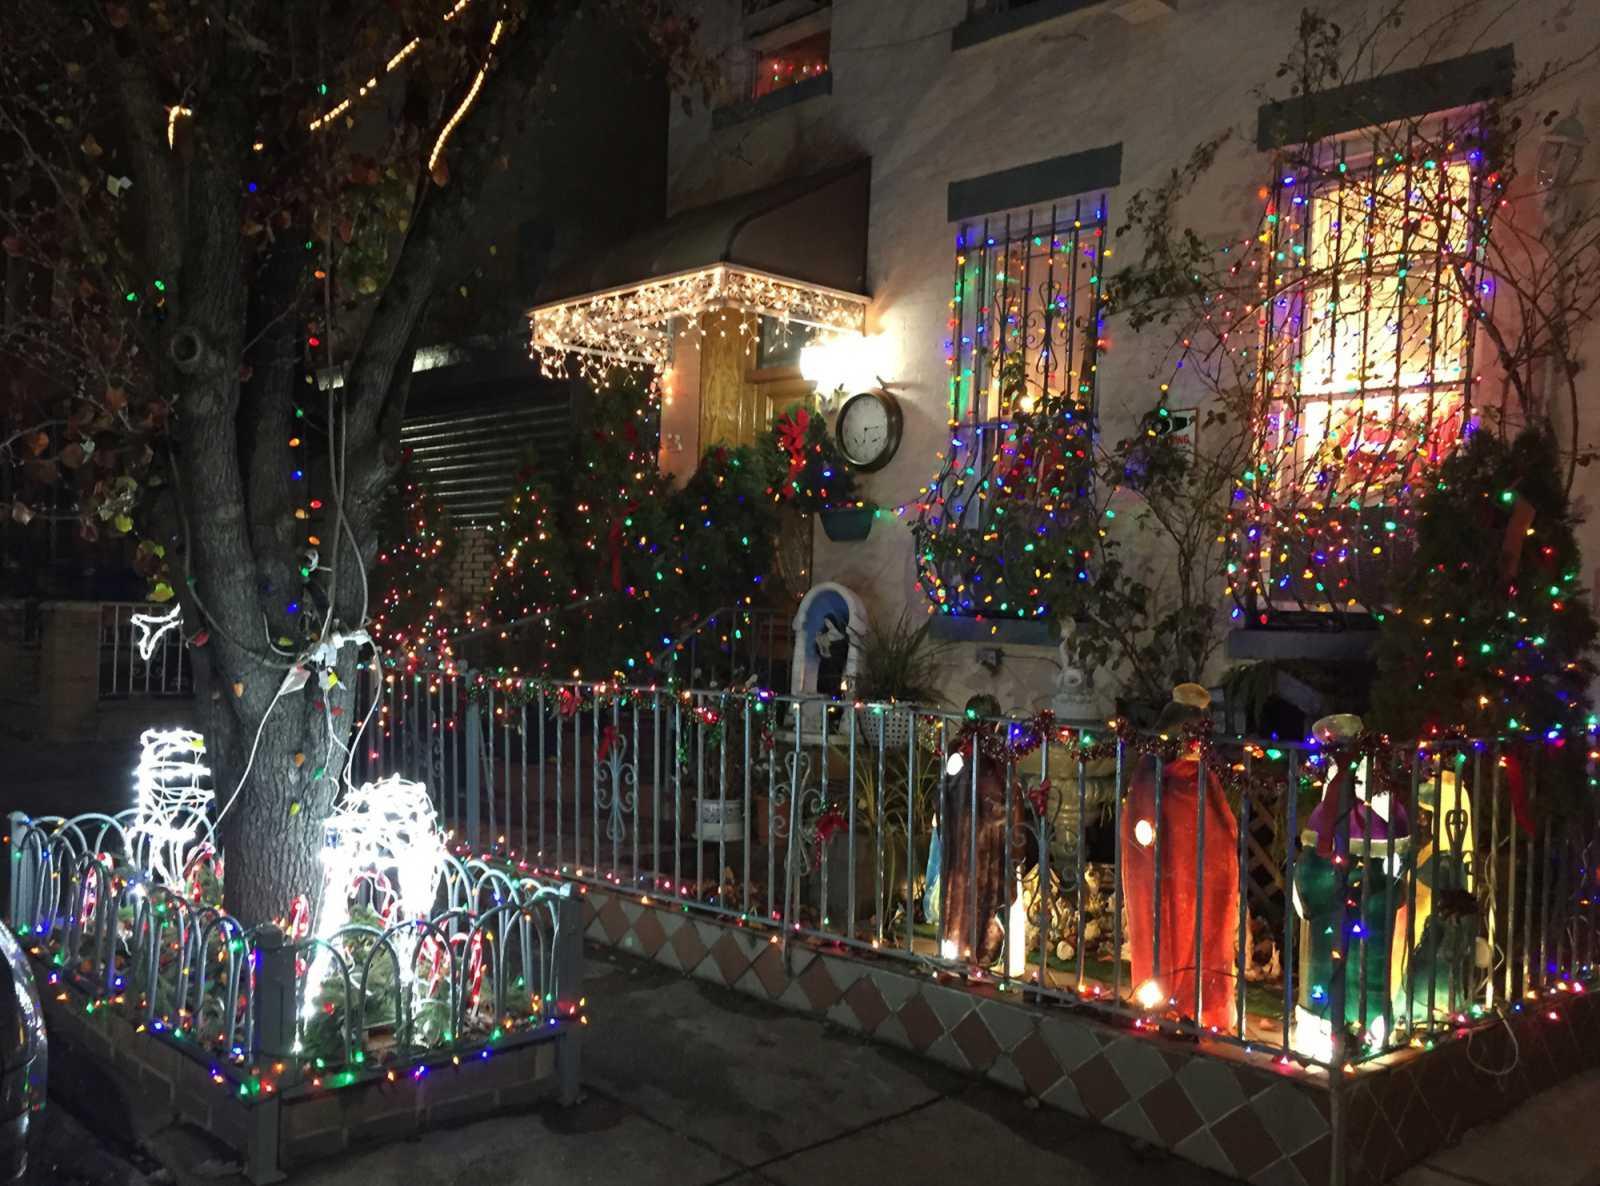 Wann Macht Man Die Weihnachtsbeleuchtung An.Weihnachtsbeleuchtung Aus Ab 22 Uhr Experte Warnt Vor